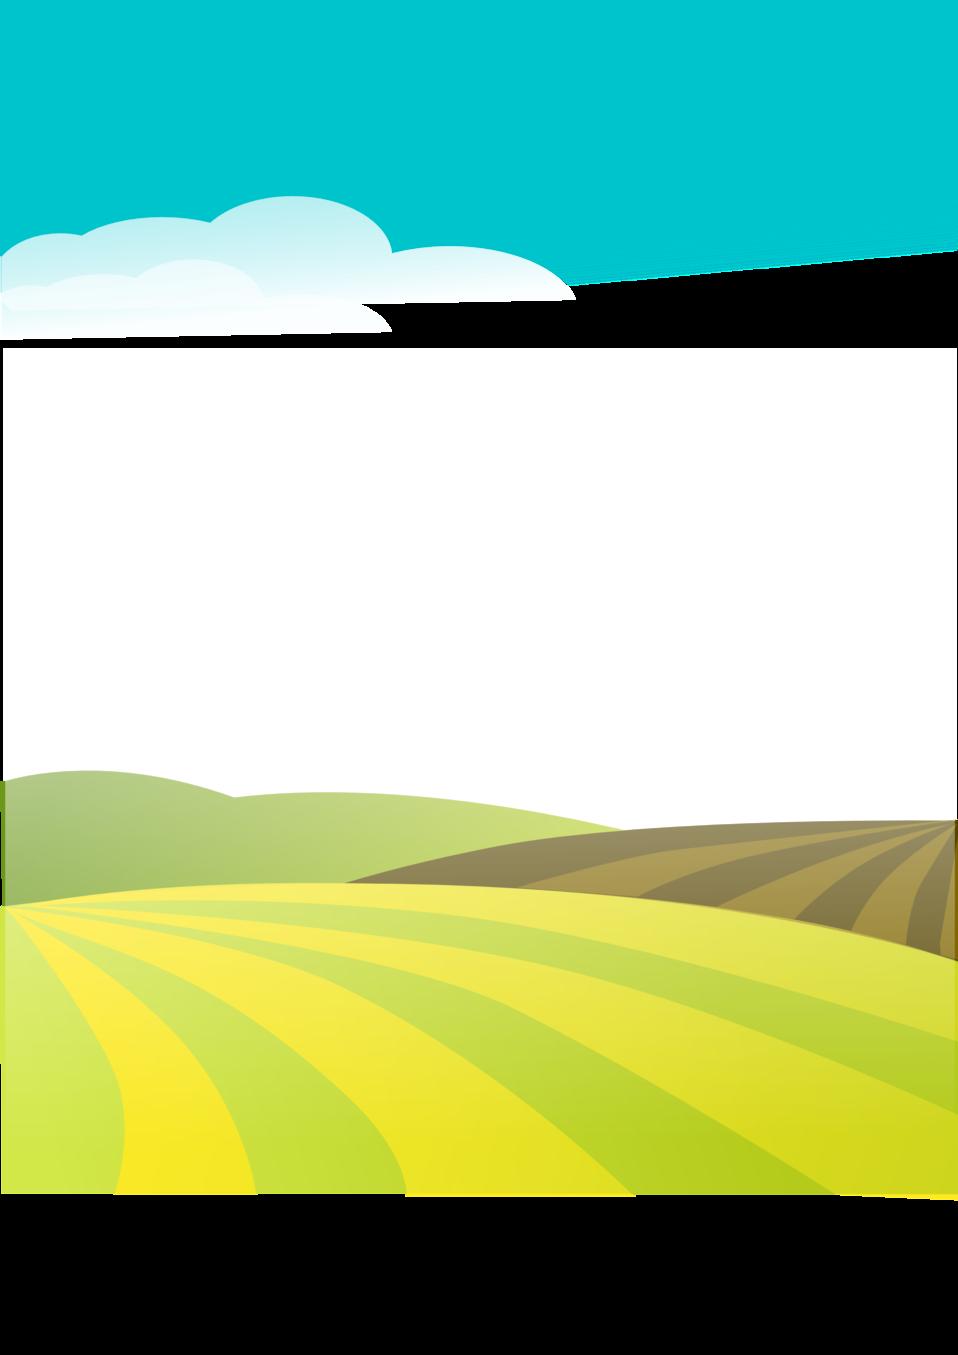 Landscape Illustration Vector Free: Public Domain Clip Art Image